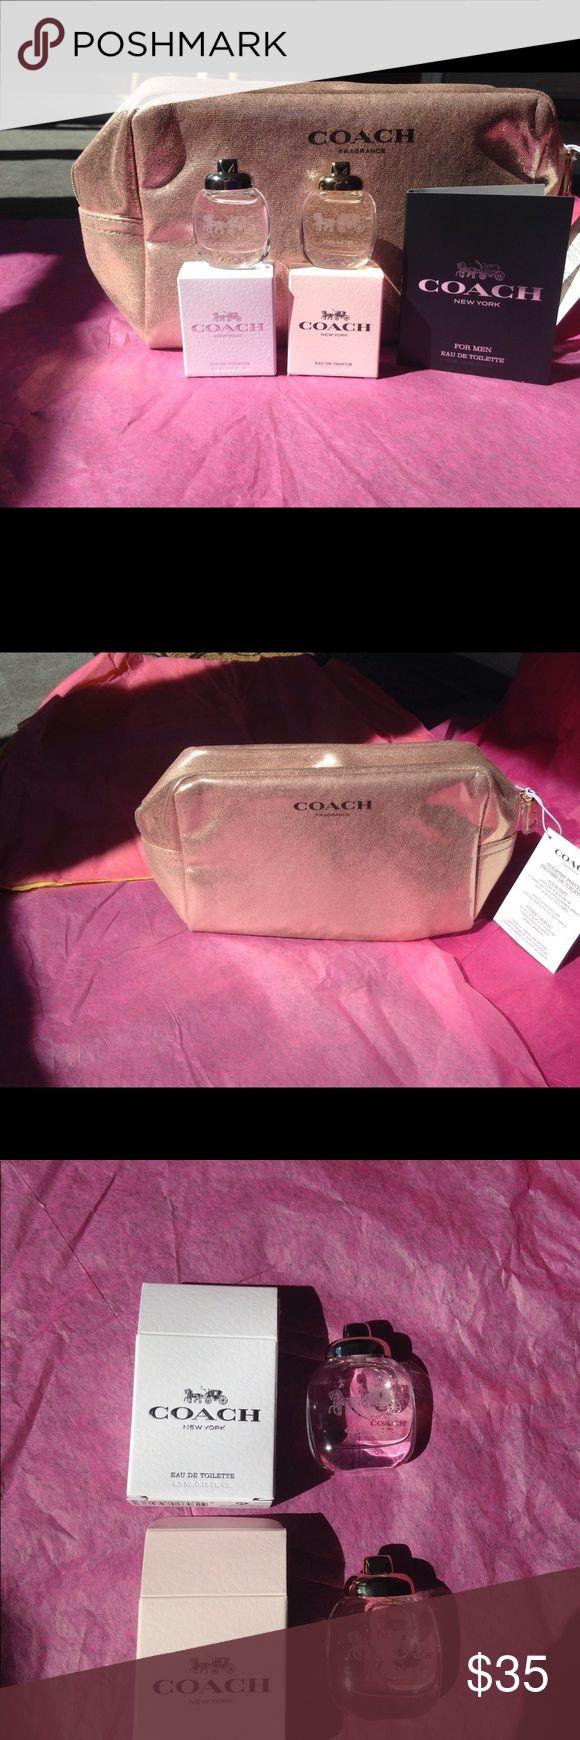 Coach fragrance set with toiletry pouch Coach Eu De Parfum 4.5 ml / 0.15 oz., Coach Eau De Toilette 4.5 ml/ 0.15 oz., Coach for men Eau De Toilette sample 2ml /0.06 oz. and Coach toiletry pouch. Coach Makeup